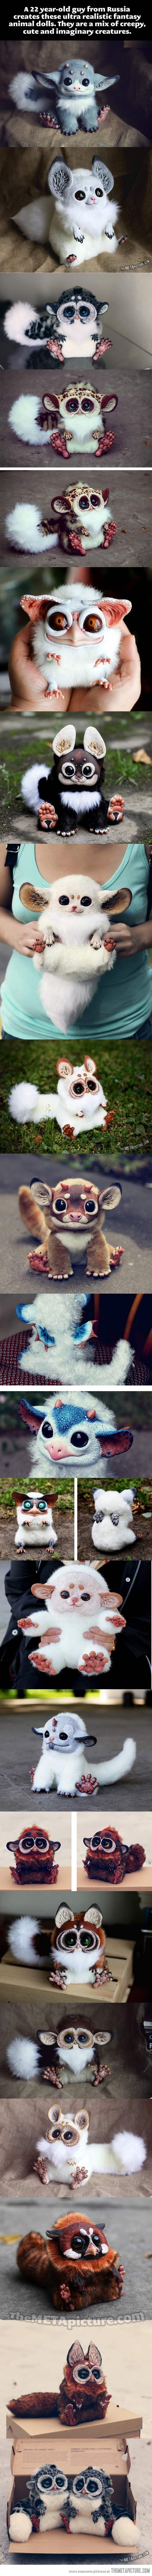 Ultra-realistic fantasy animal dolls…: